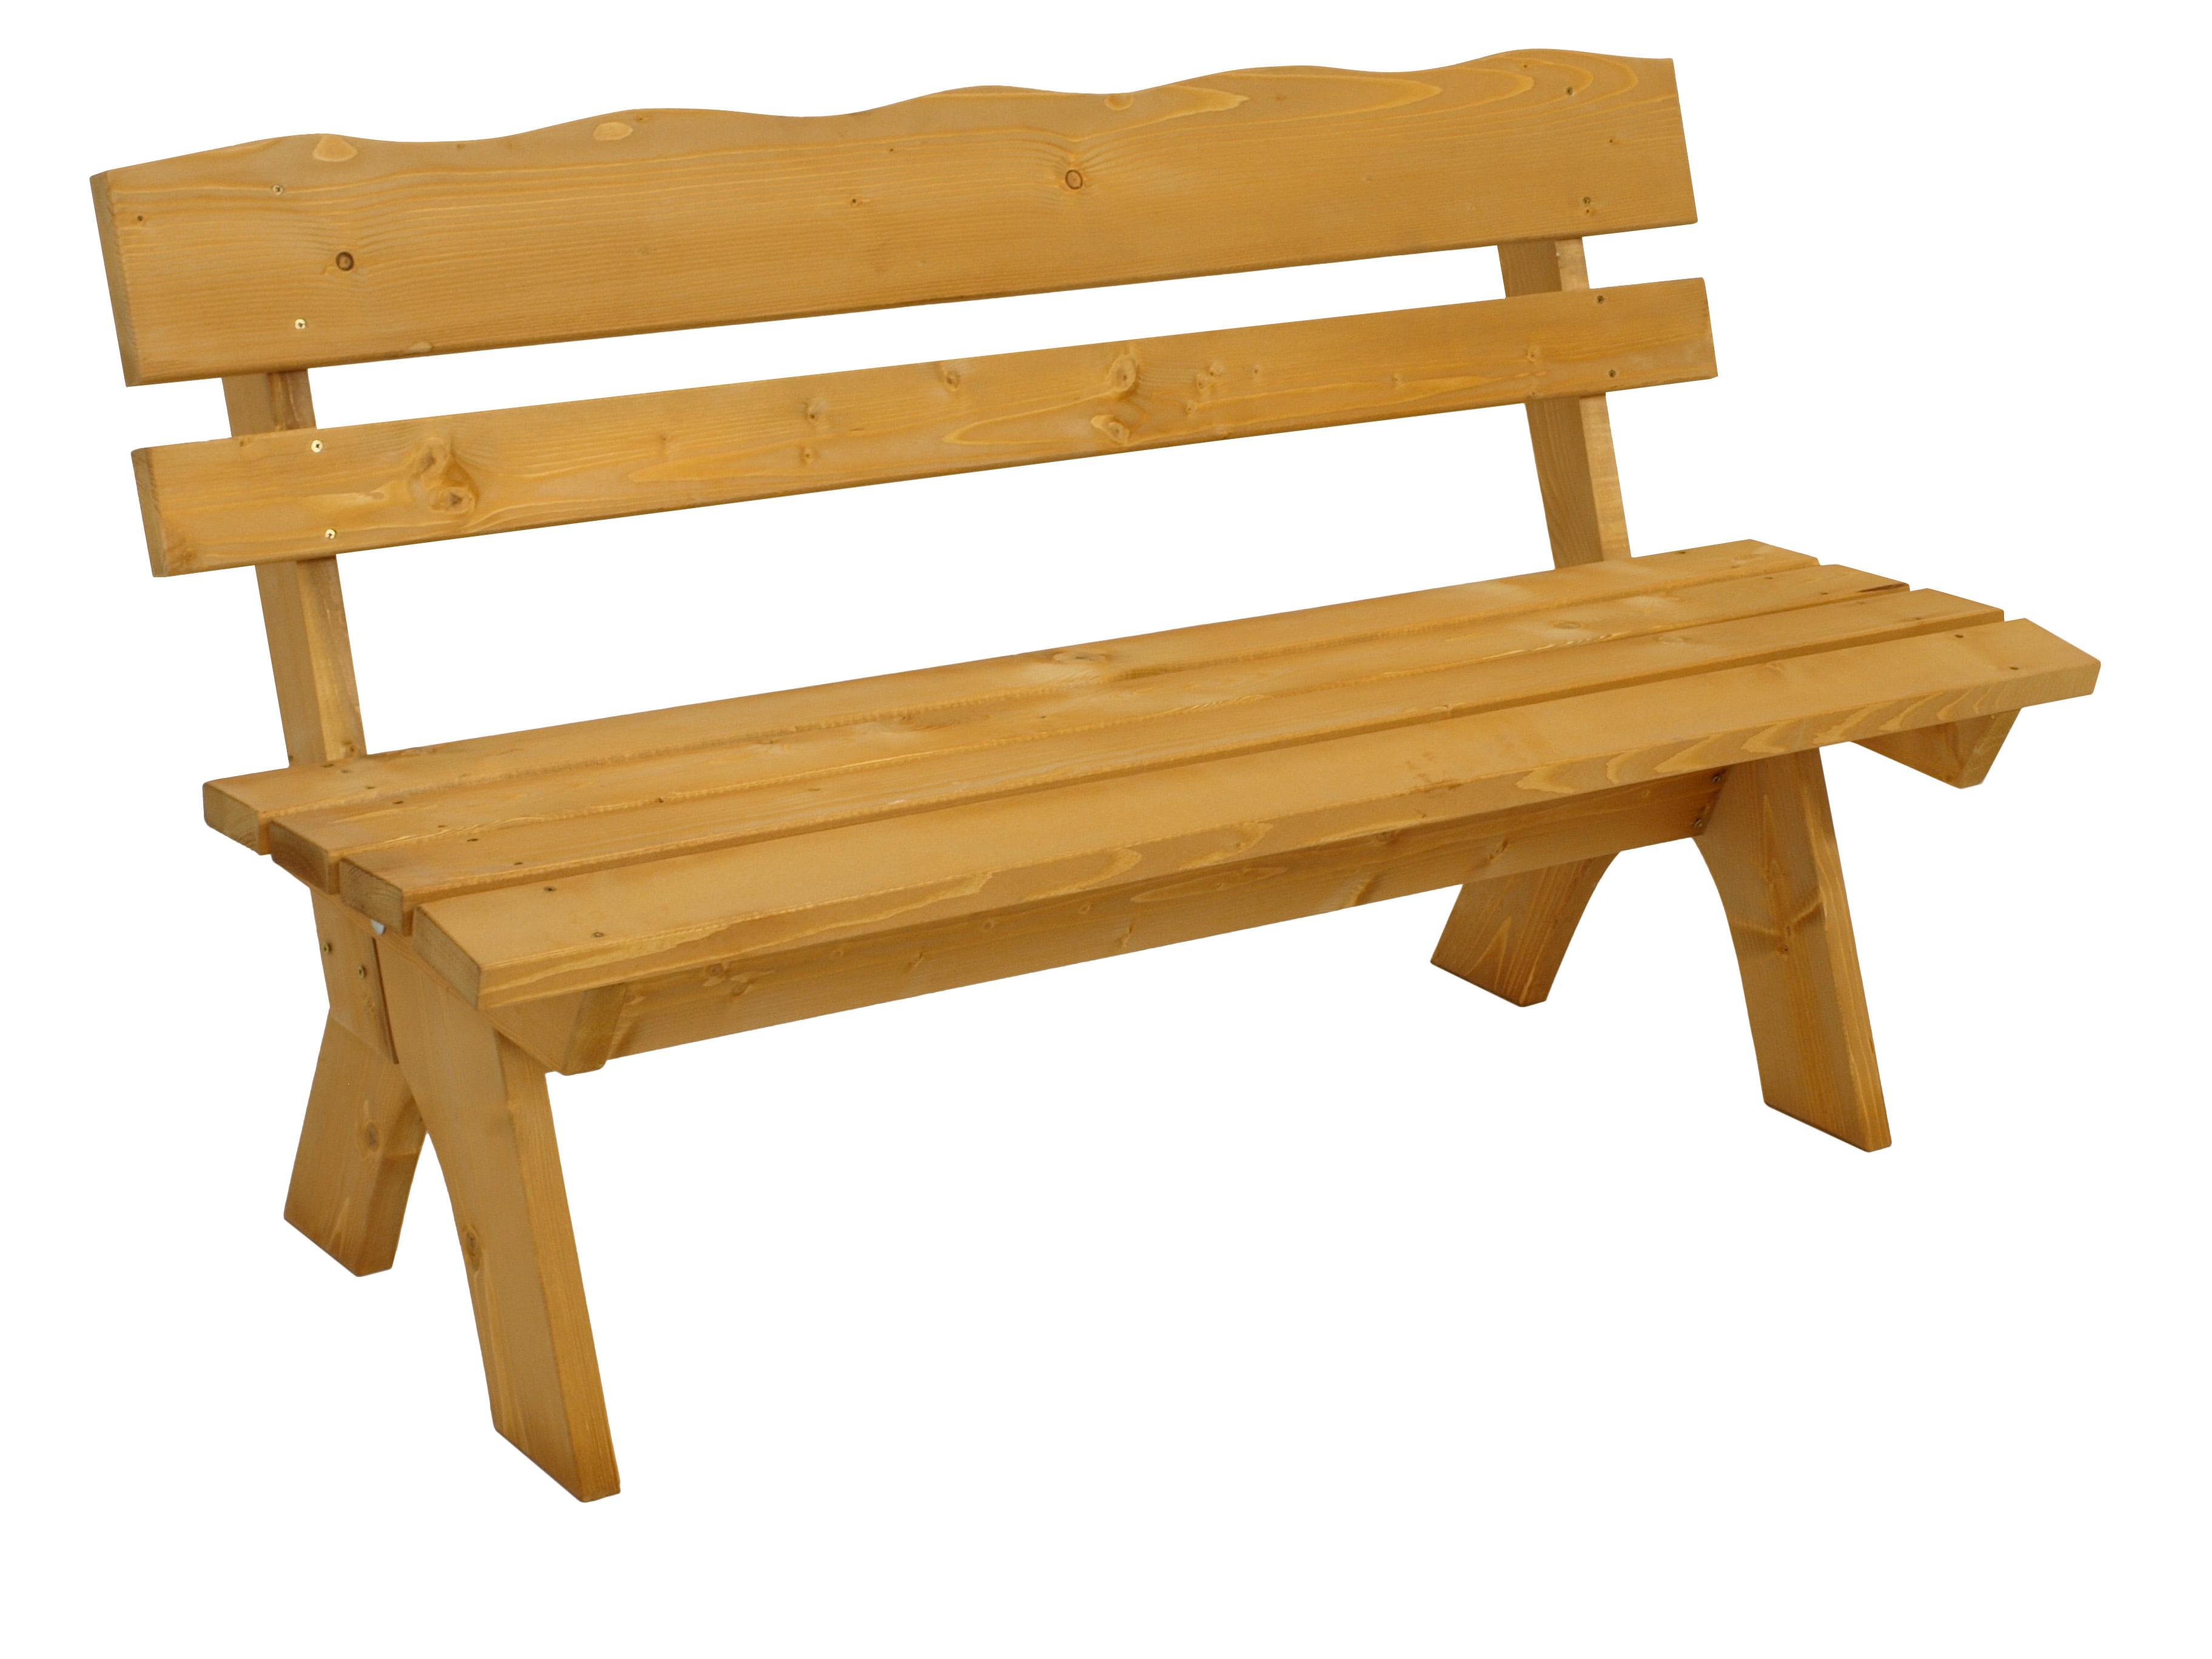 gartenbank holzbank gartenm bel bank freital 3 sitzer kiefer holz impr gniert ebay. Black Bedroom Furniture Sets. Home Design Ideas